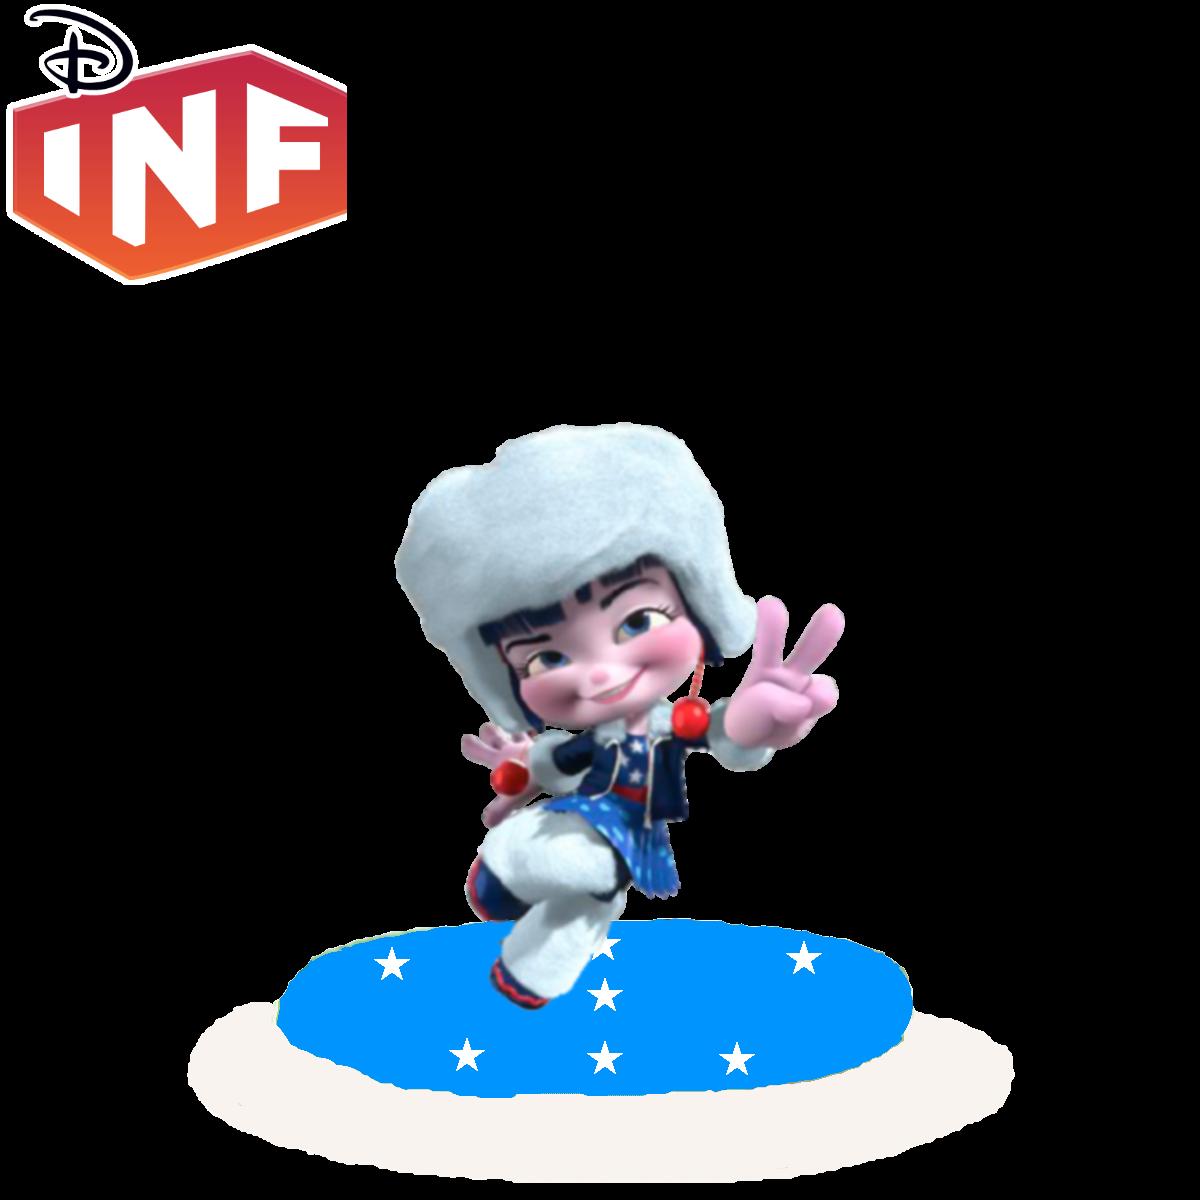 Wreck it ralph disney infinity wiki fandom powered by - Disney Infinity Adorabeezle Png